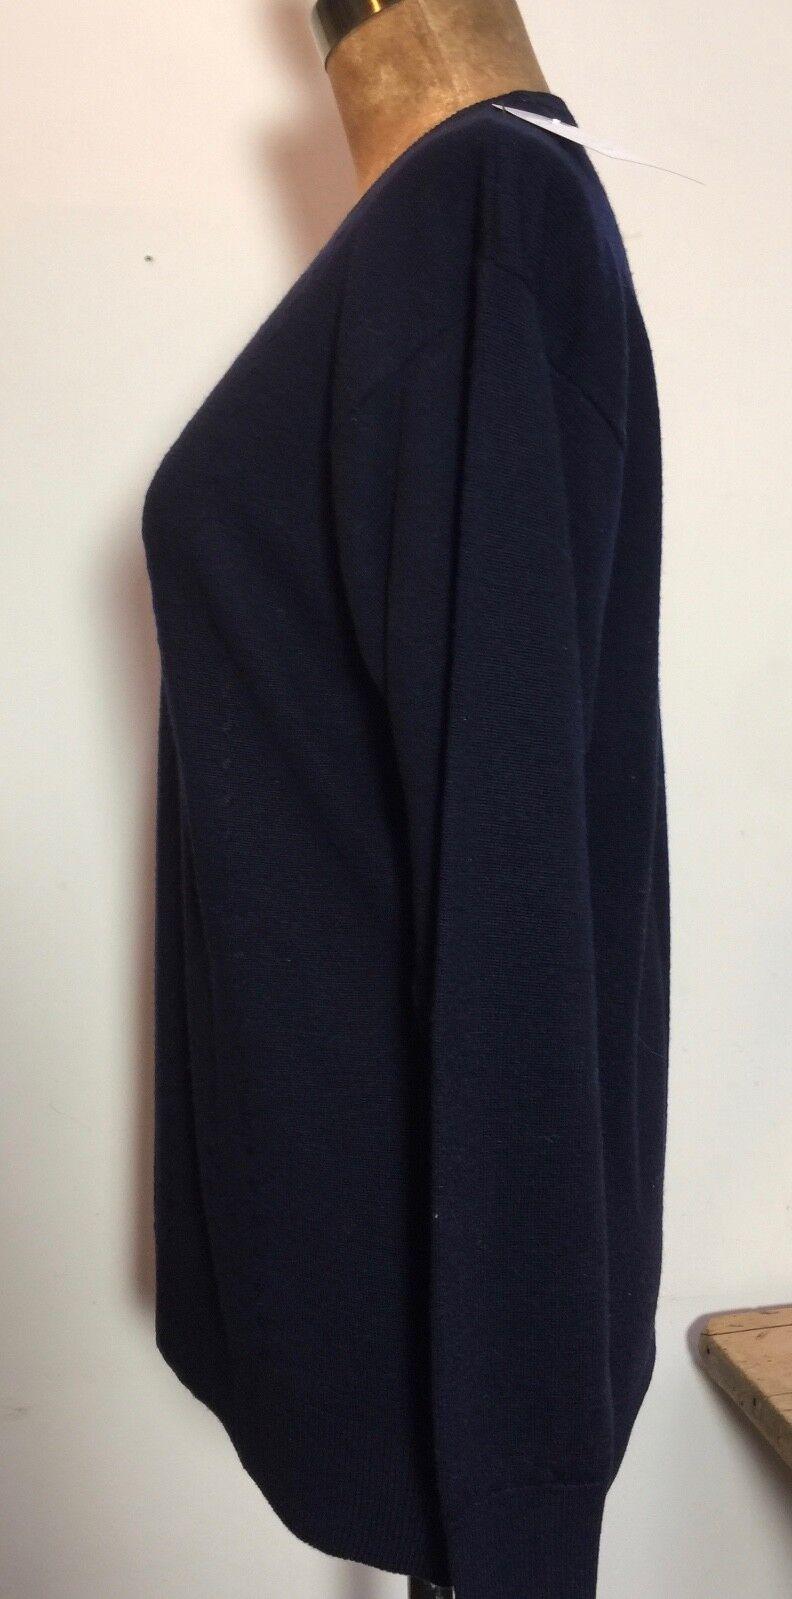 Navy Classico 100% Puro Nuova Lana Girocollo Girocollo Girocollo lunghezza più lunga maglione Pullover 44  B 9b4b2b